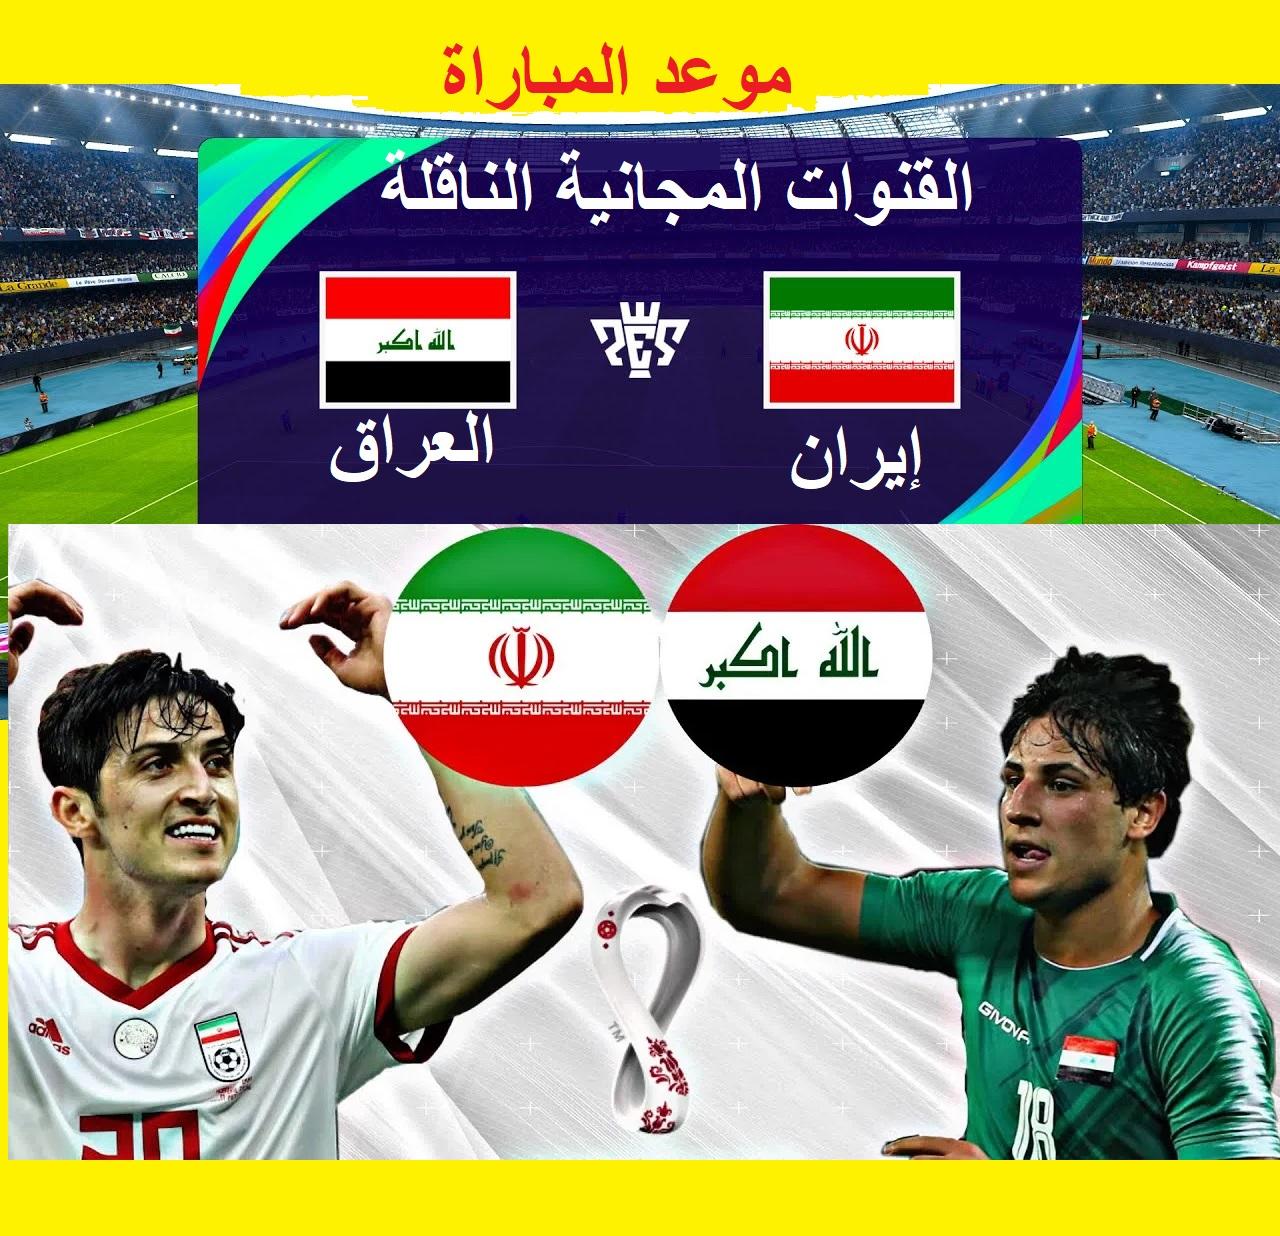 موعد مباراة العراق ضد إيران في الجولة الأخيرة للتصفيات المؤهلة لكأس العالم 2022